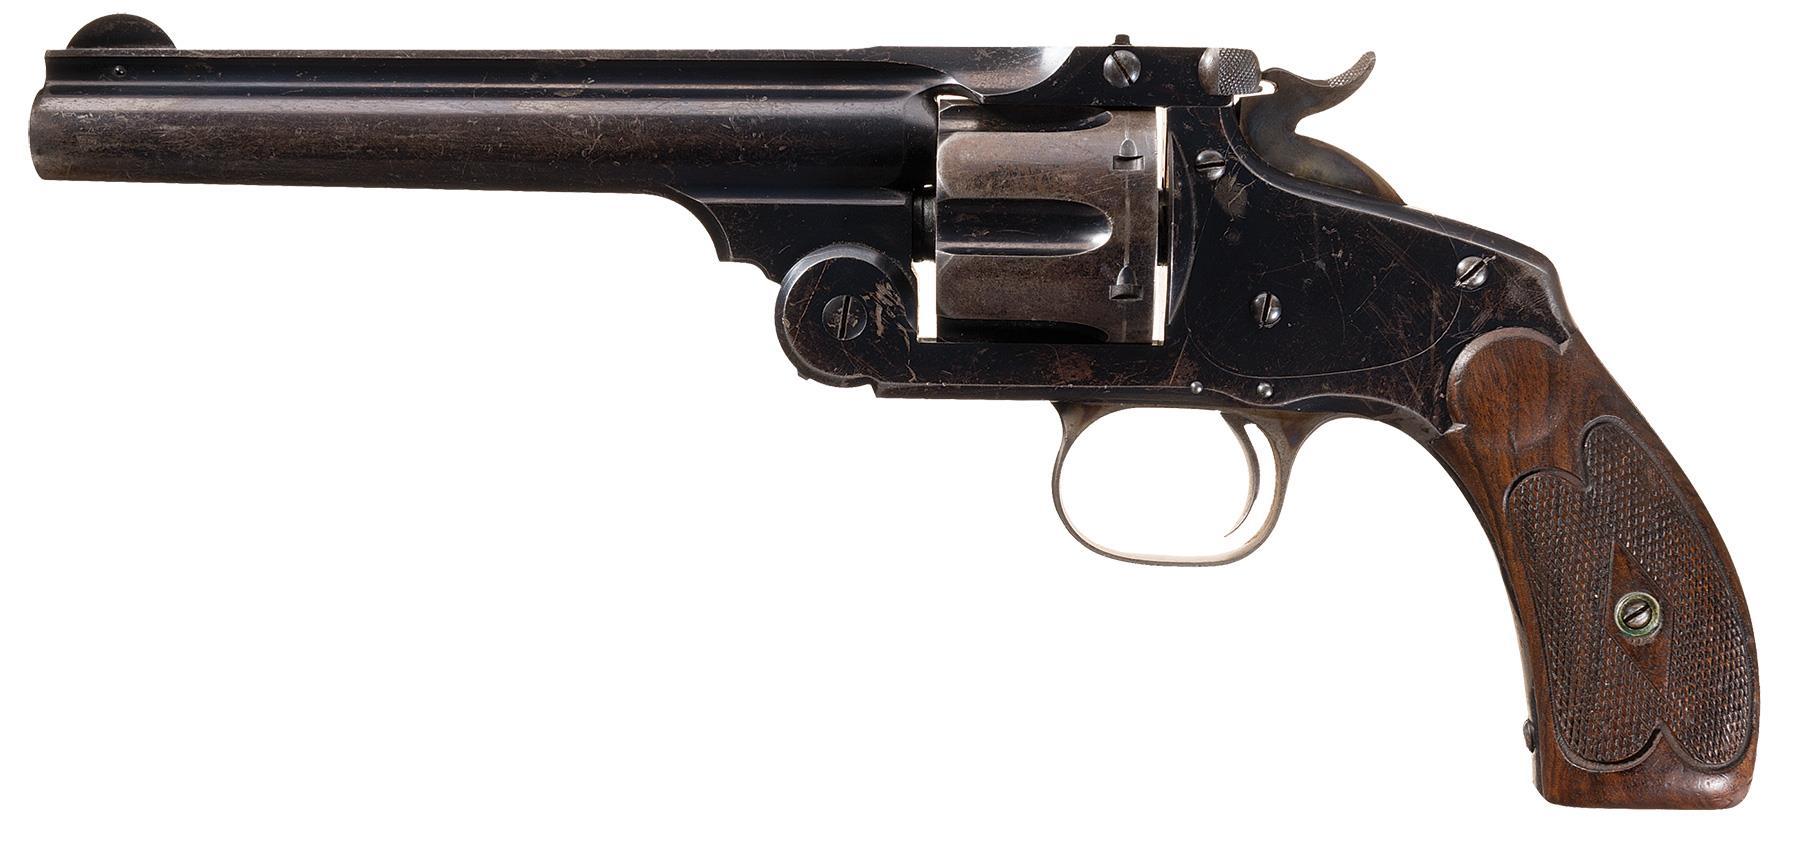 Smith & Wesson New Model No. 3 Revolver